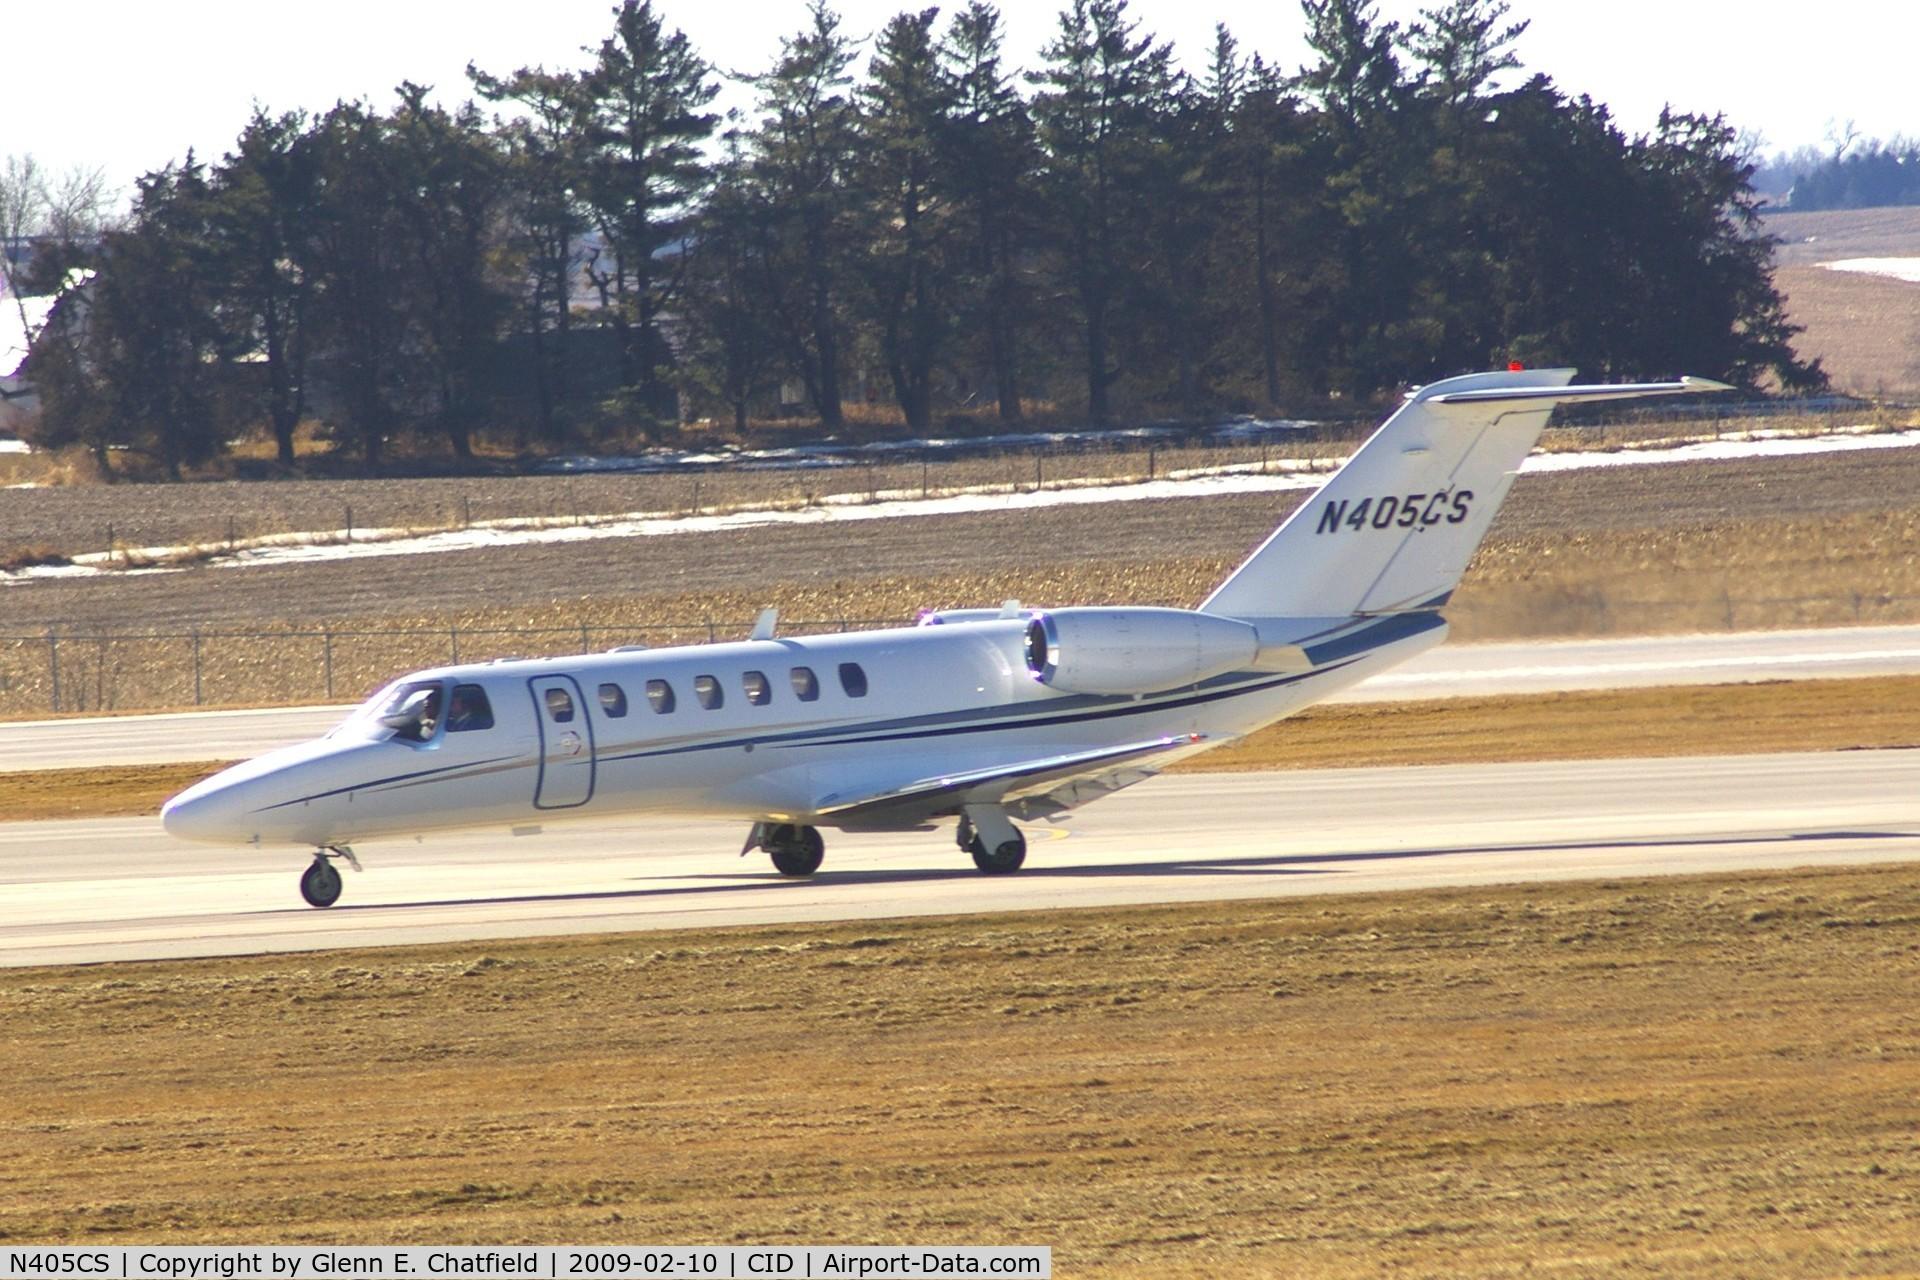 N405CS, 2005 Cessna 525B C/N 525B0036, Taxiing on Alpha on the way to Landmark FBO